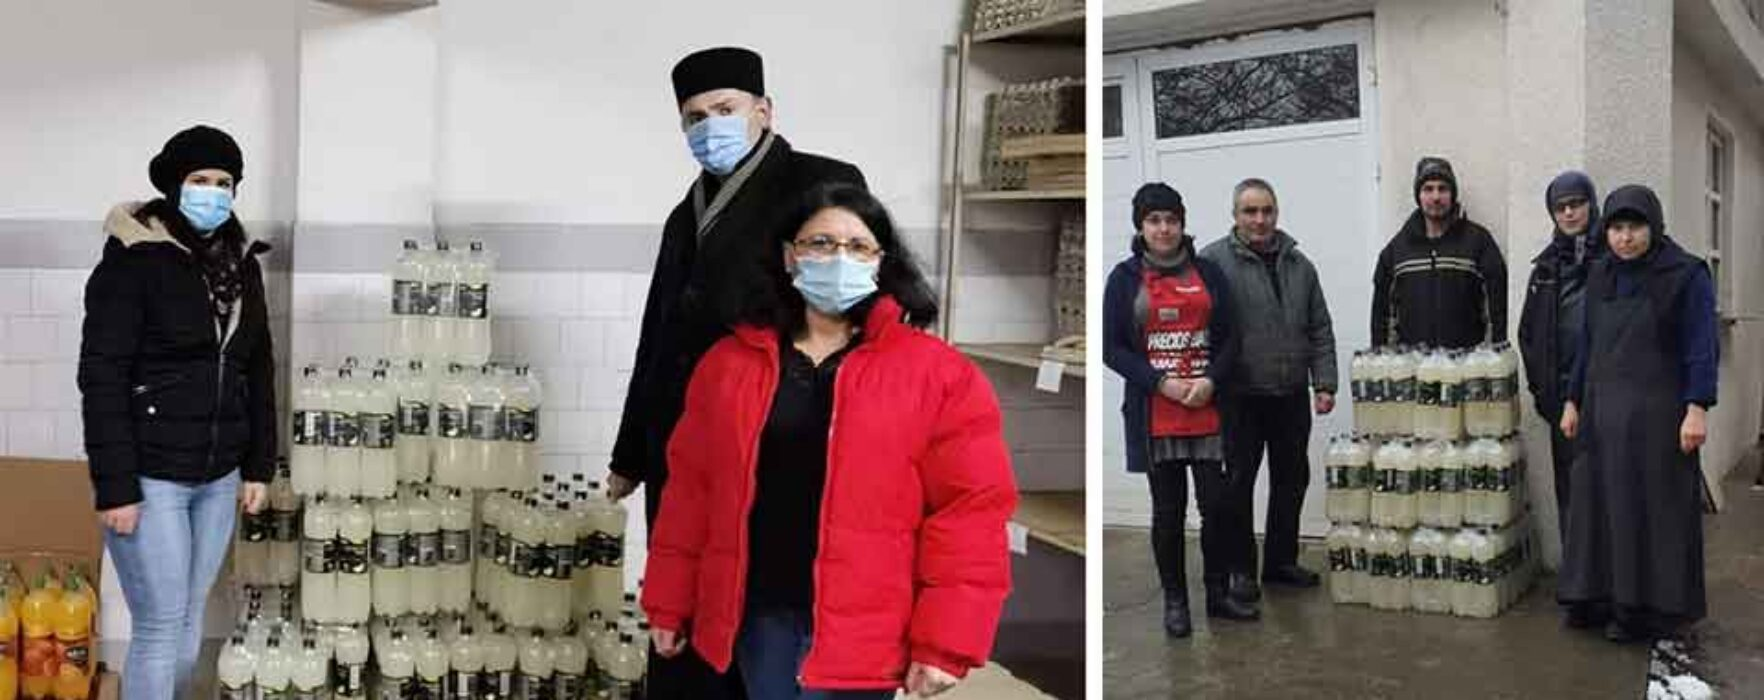 Dâmboviţa: Sprijin de la Asociaţia Communio pentru centre sociale